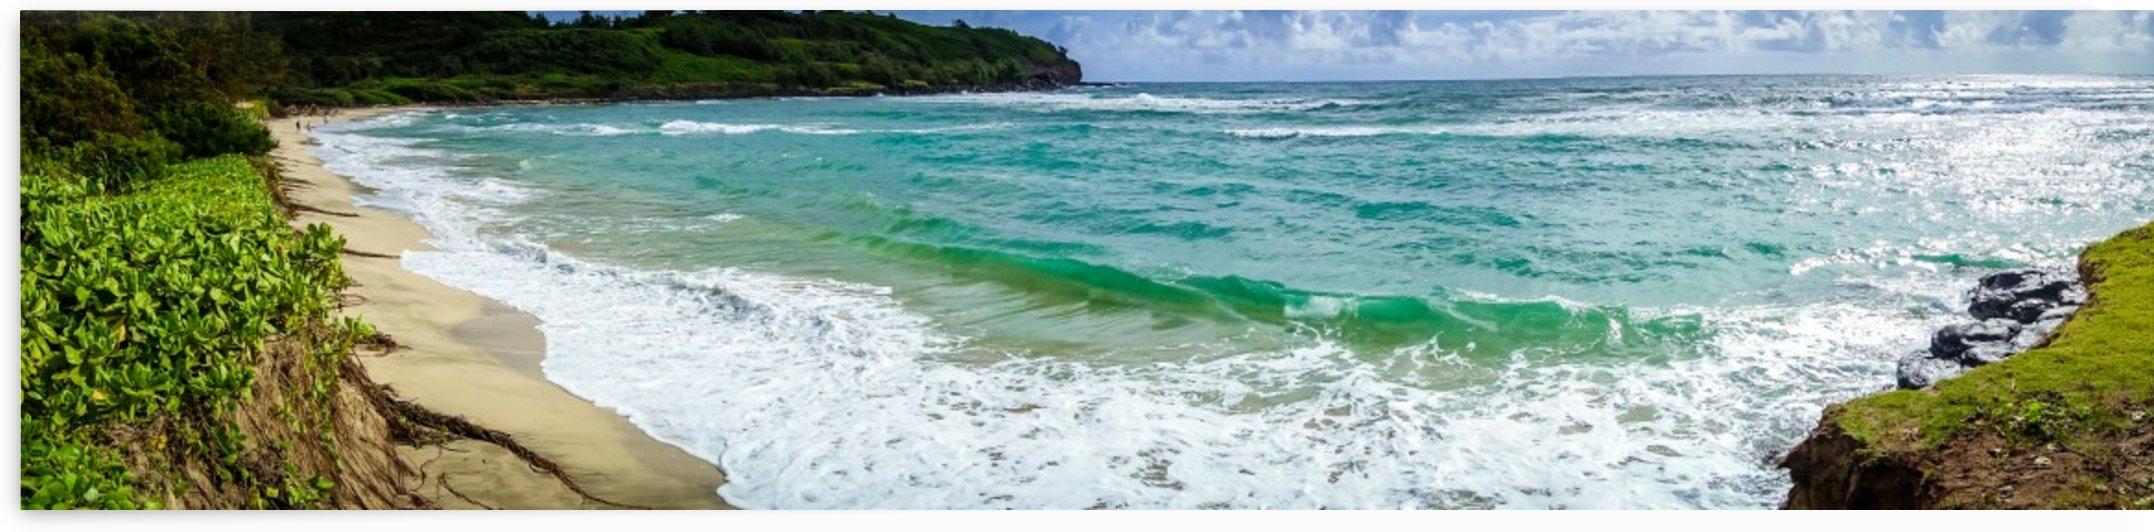 Kahili Beach Panoramic   Kauai Hawaii 0528 by @ThePhotourist